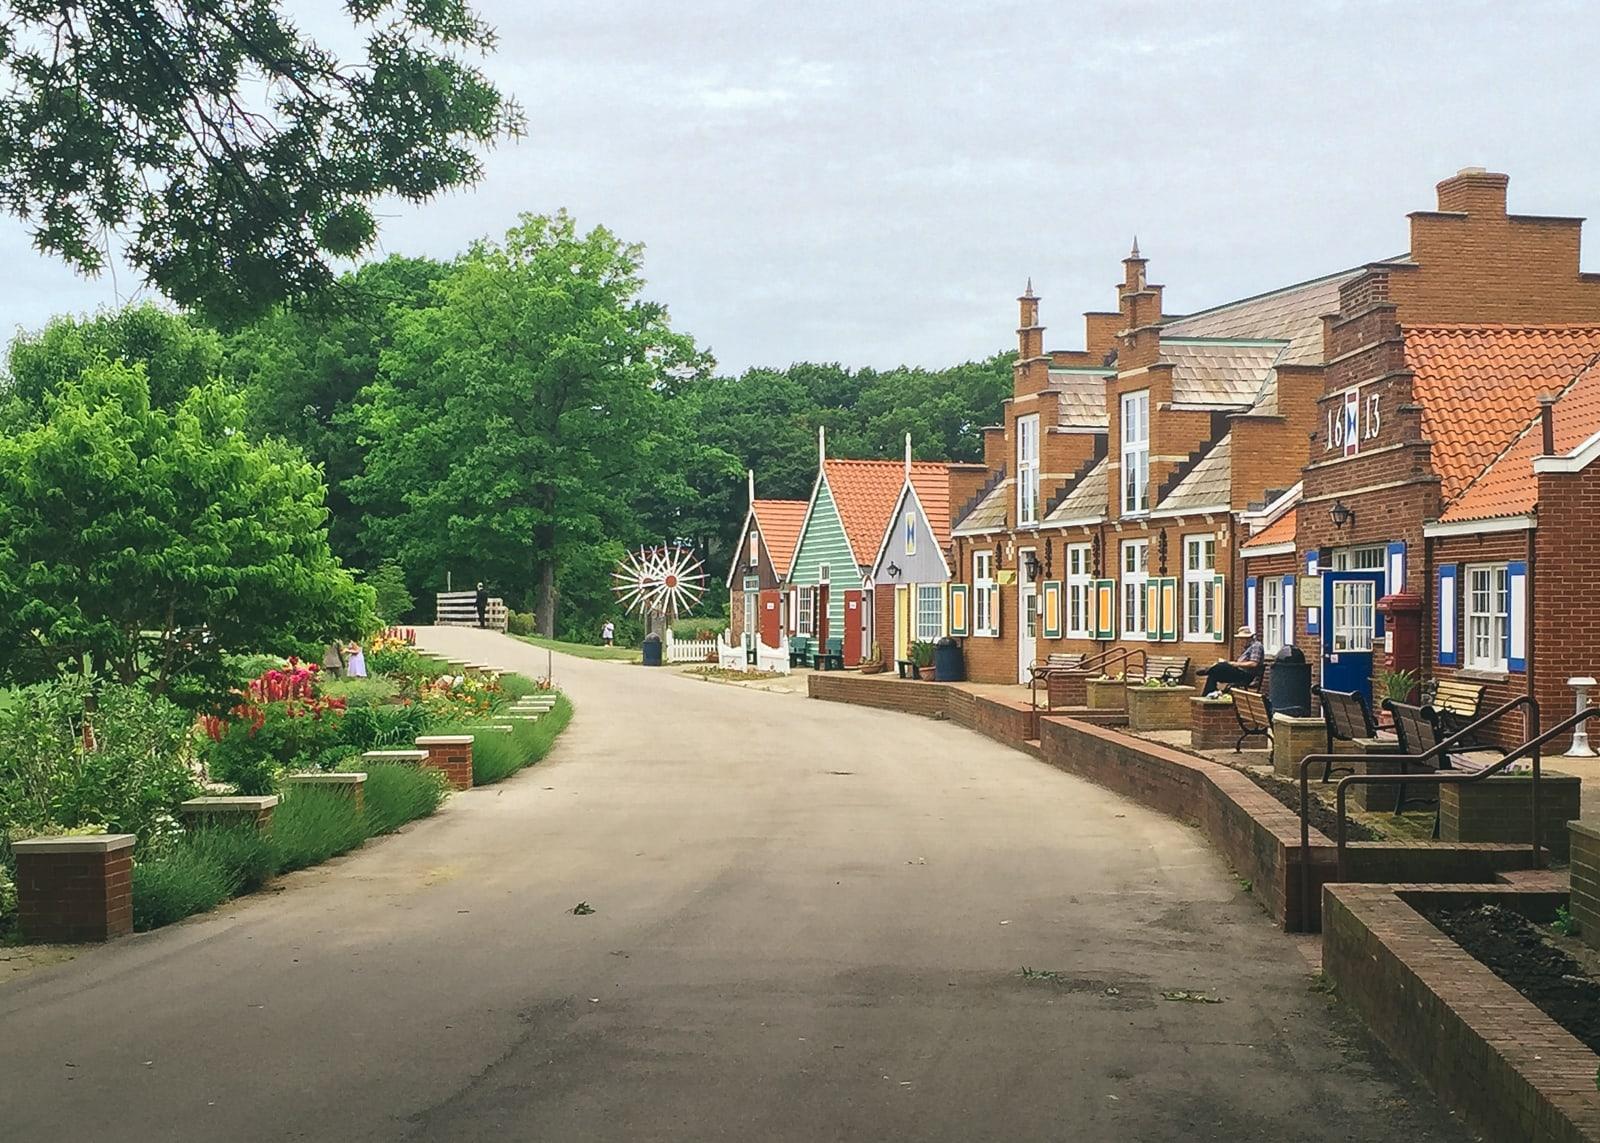 Nelis' Dutch Village in Holland, Michigan